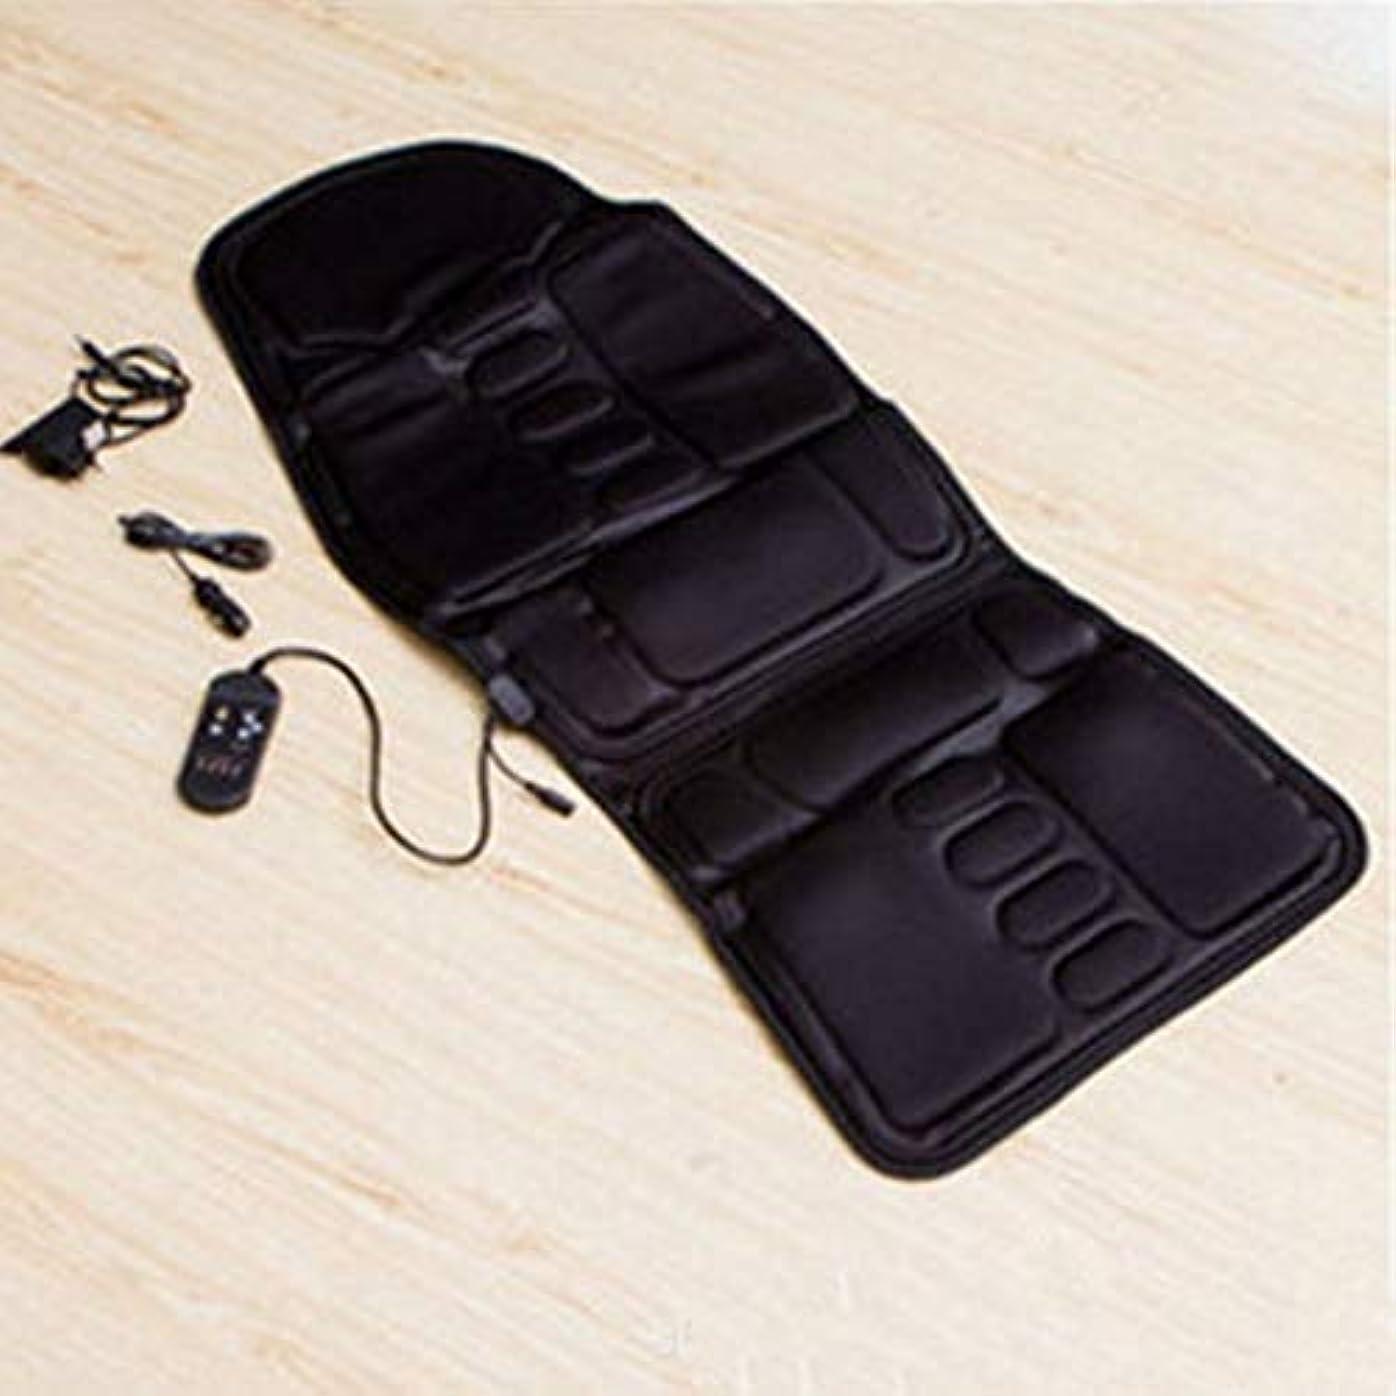 スチュアート島不足干渉するCar Chair Home Seat Heat Cushion Back Neck Waist Body Electric Multifunctional Chair Massage Pad Back Massager